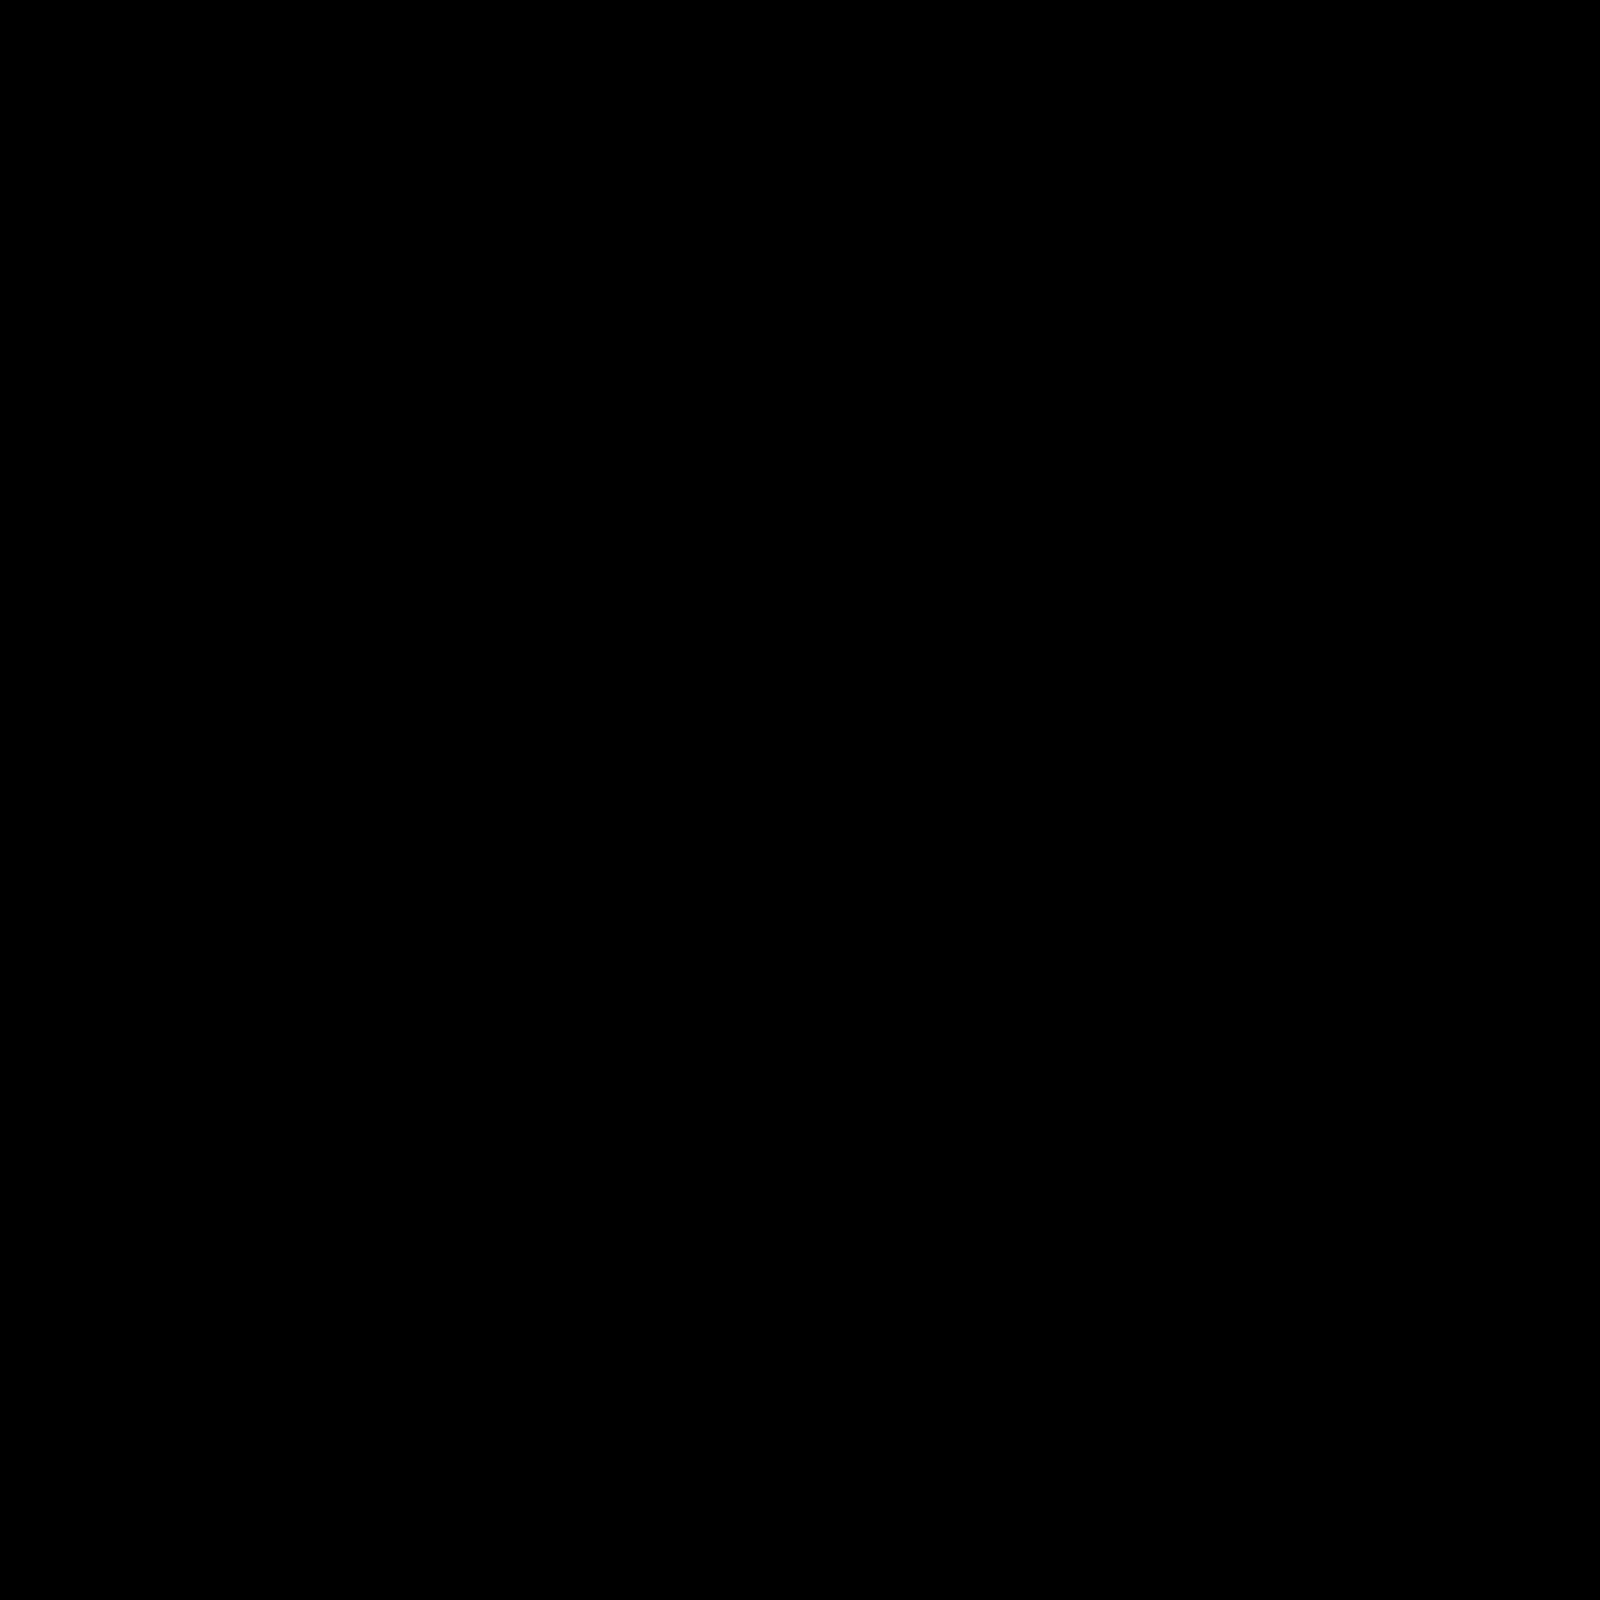 欧元 icon. It's a logo for the euro. There is a circle with the sign for European money in the center. It looks like a C with two horizontal lines going through it.